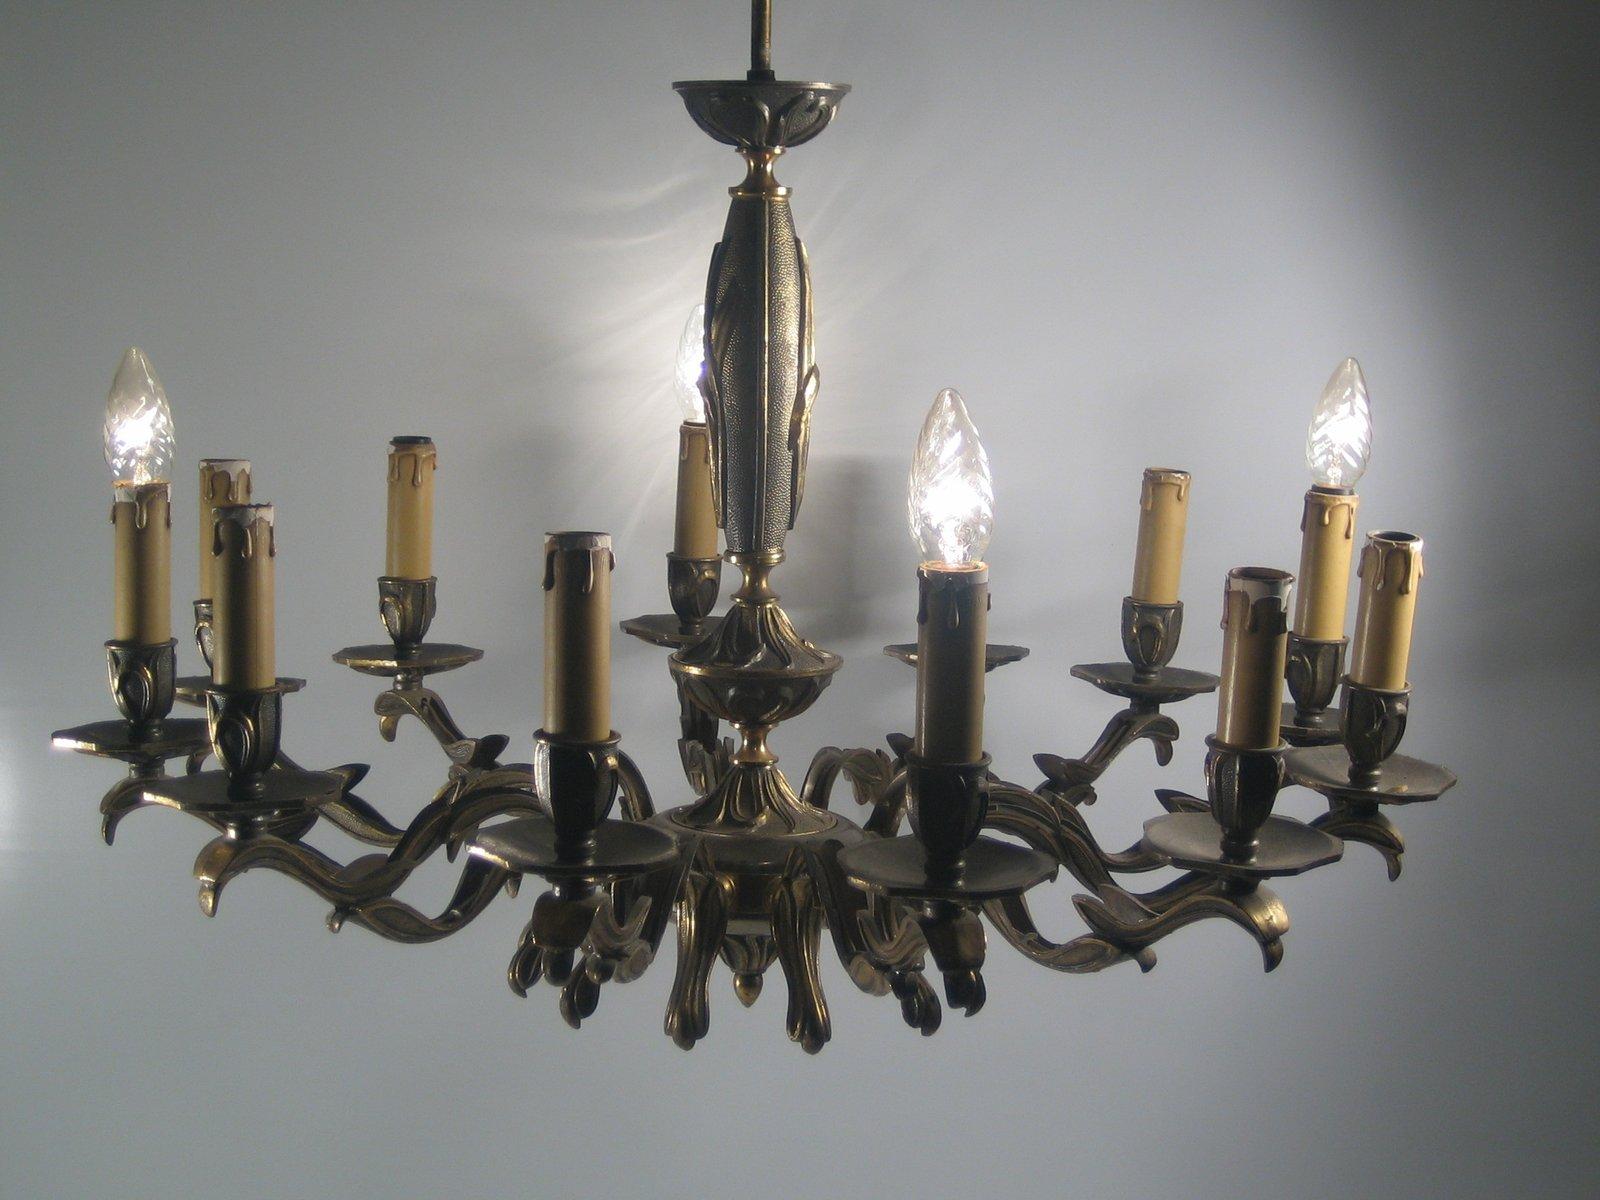 Grand lustre 12 branches en laiton 1940s en vente sur pamono - Grand lustre industriel ...